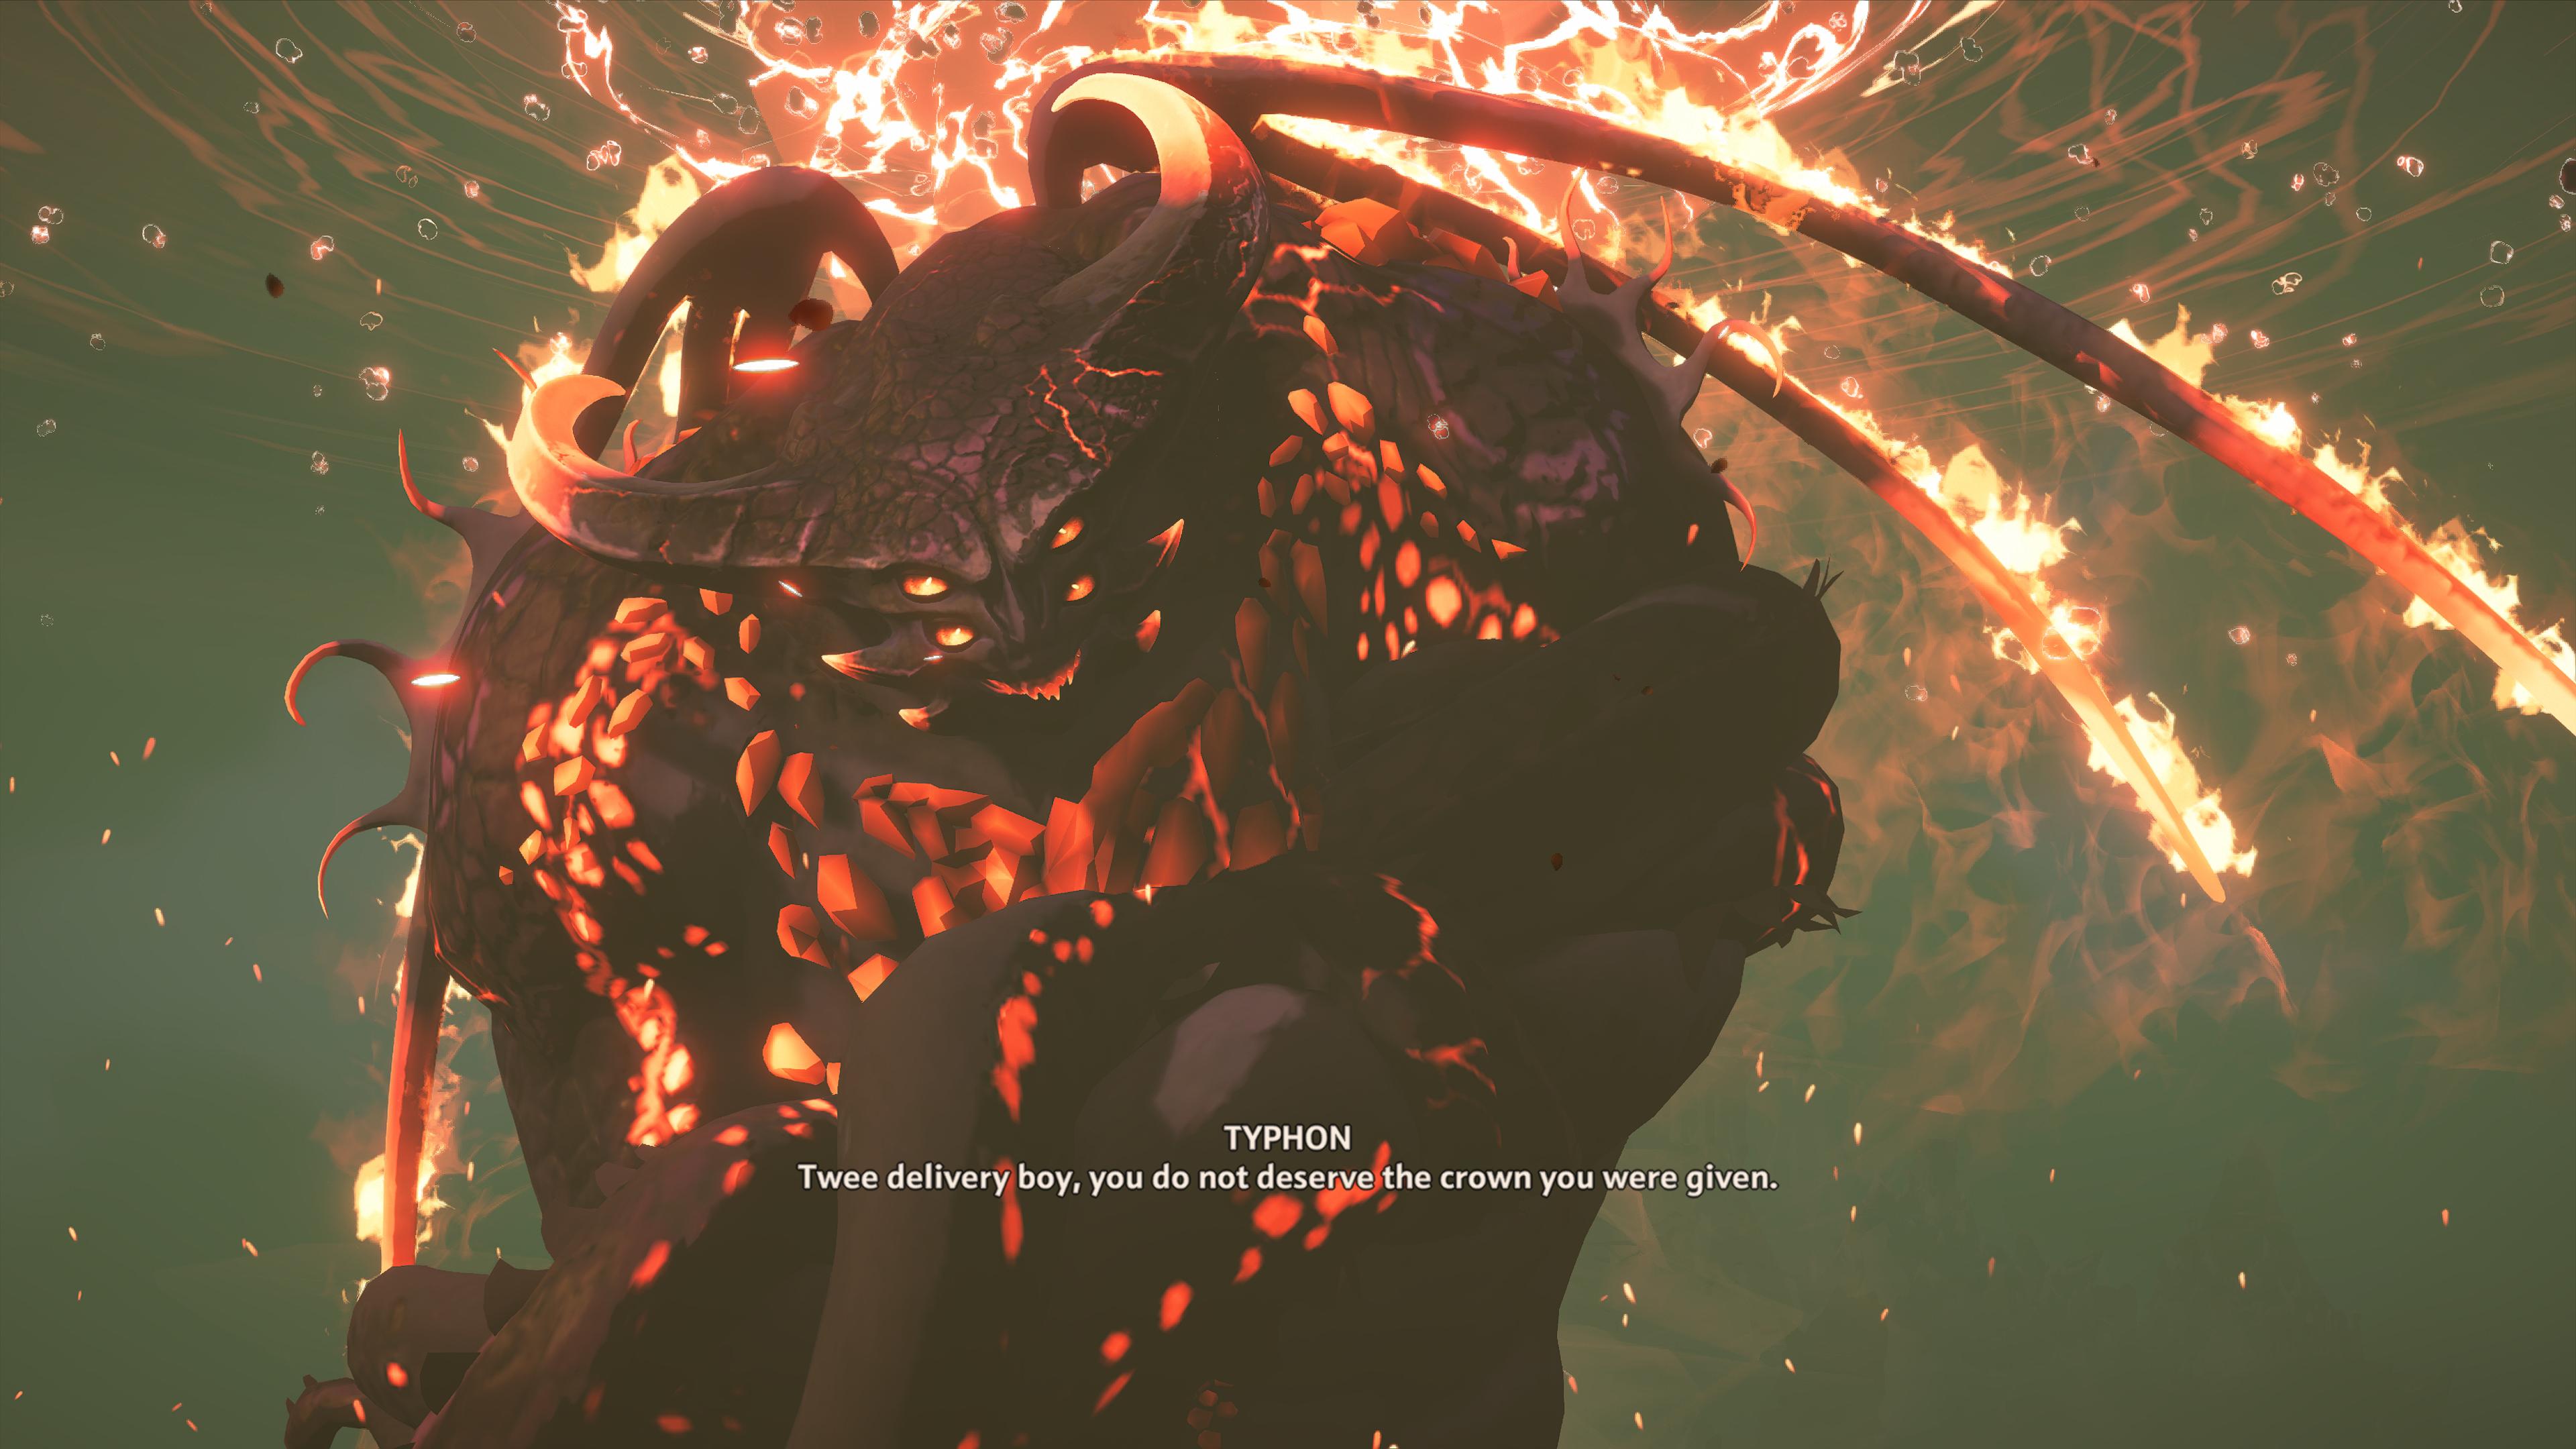 Typhon zastáva rolu hrôzostrašného nepriateľa bravúrne.